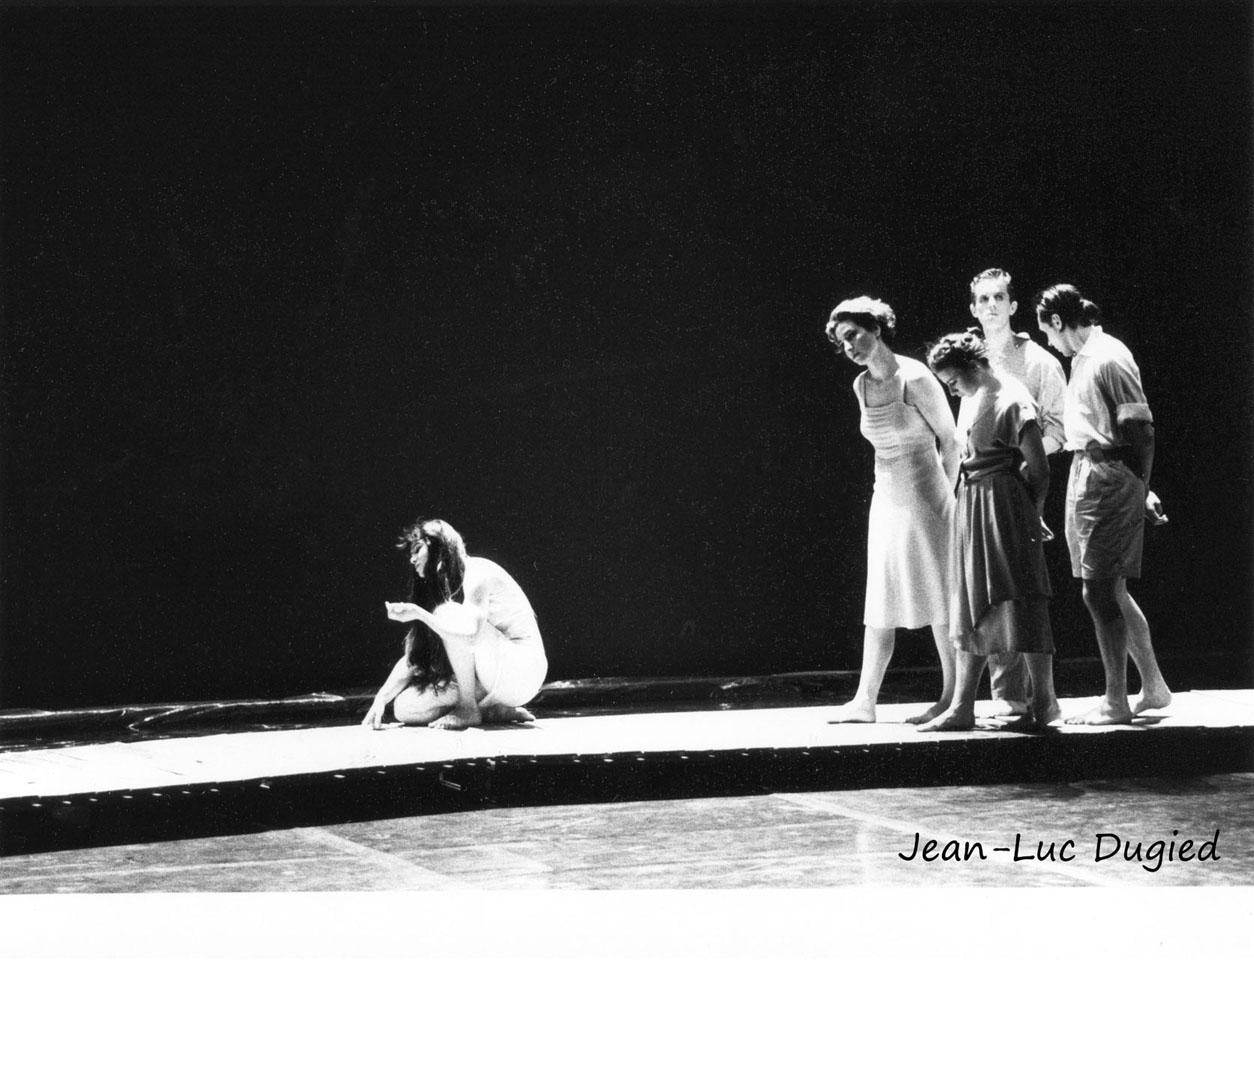 46 Dugied Fabrice - le ciel de mousson - 1989